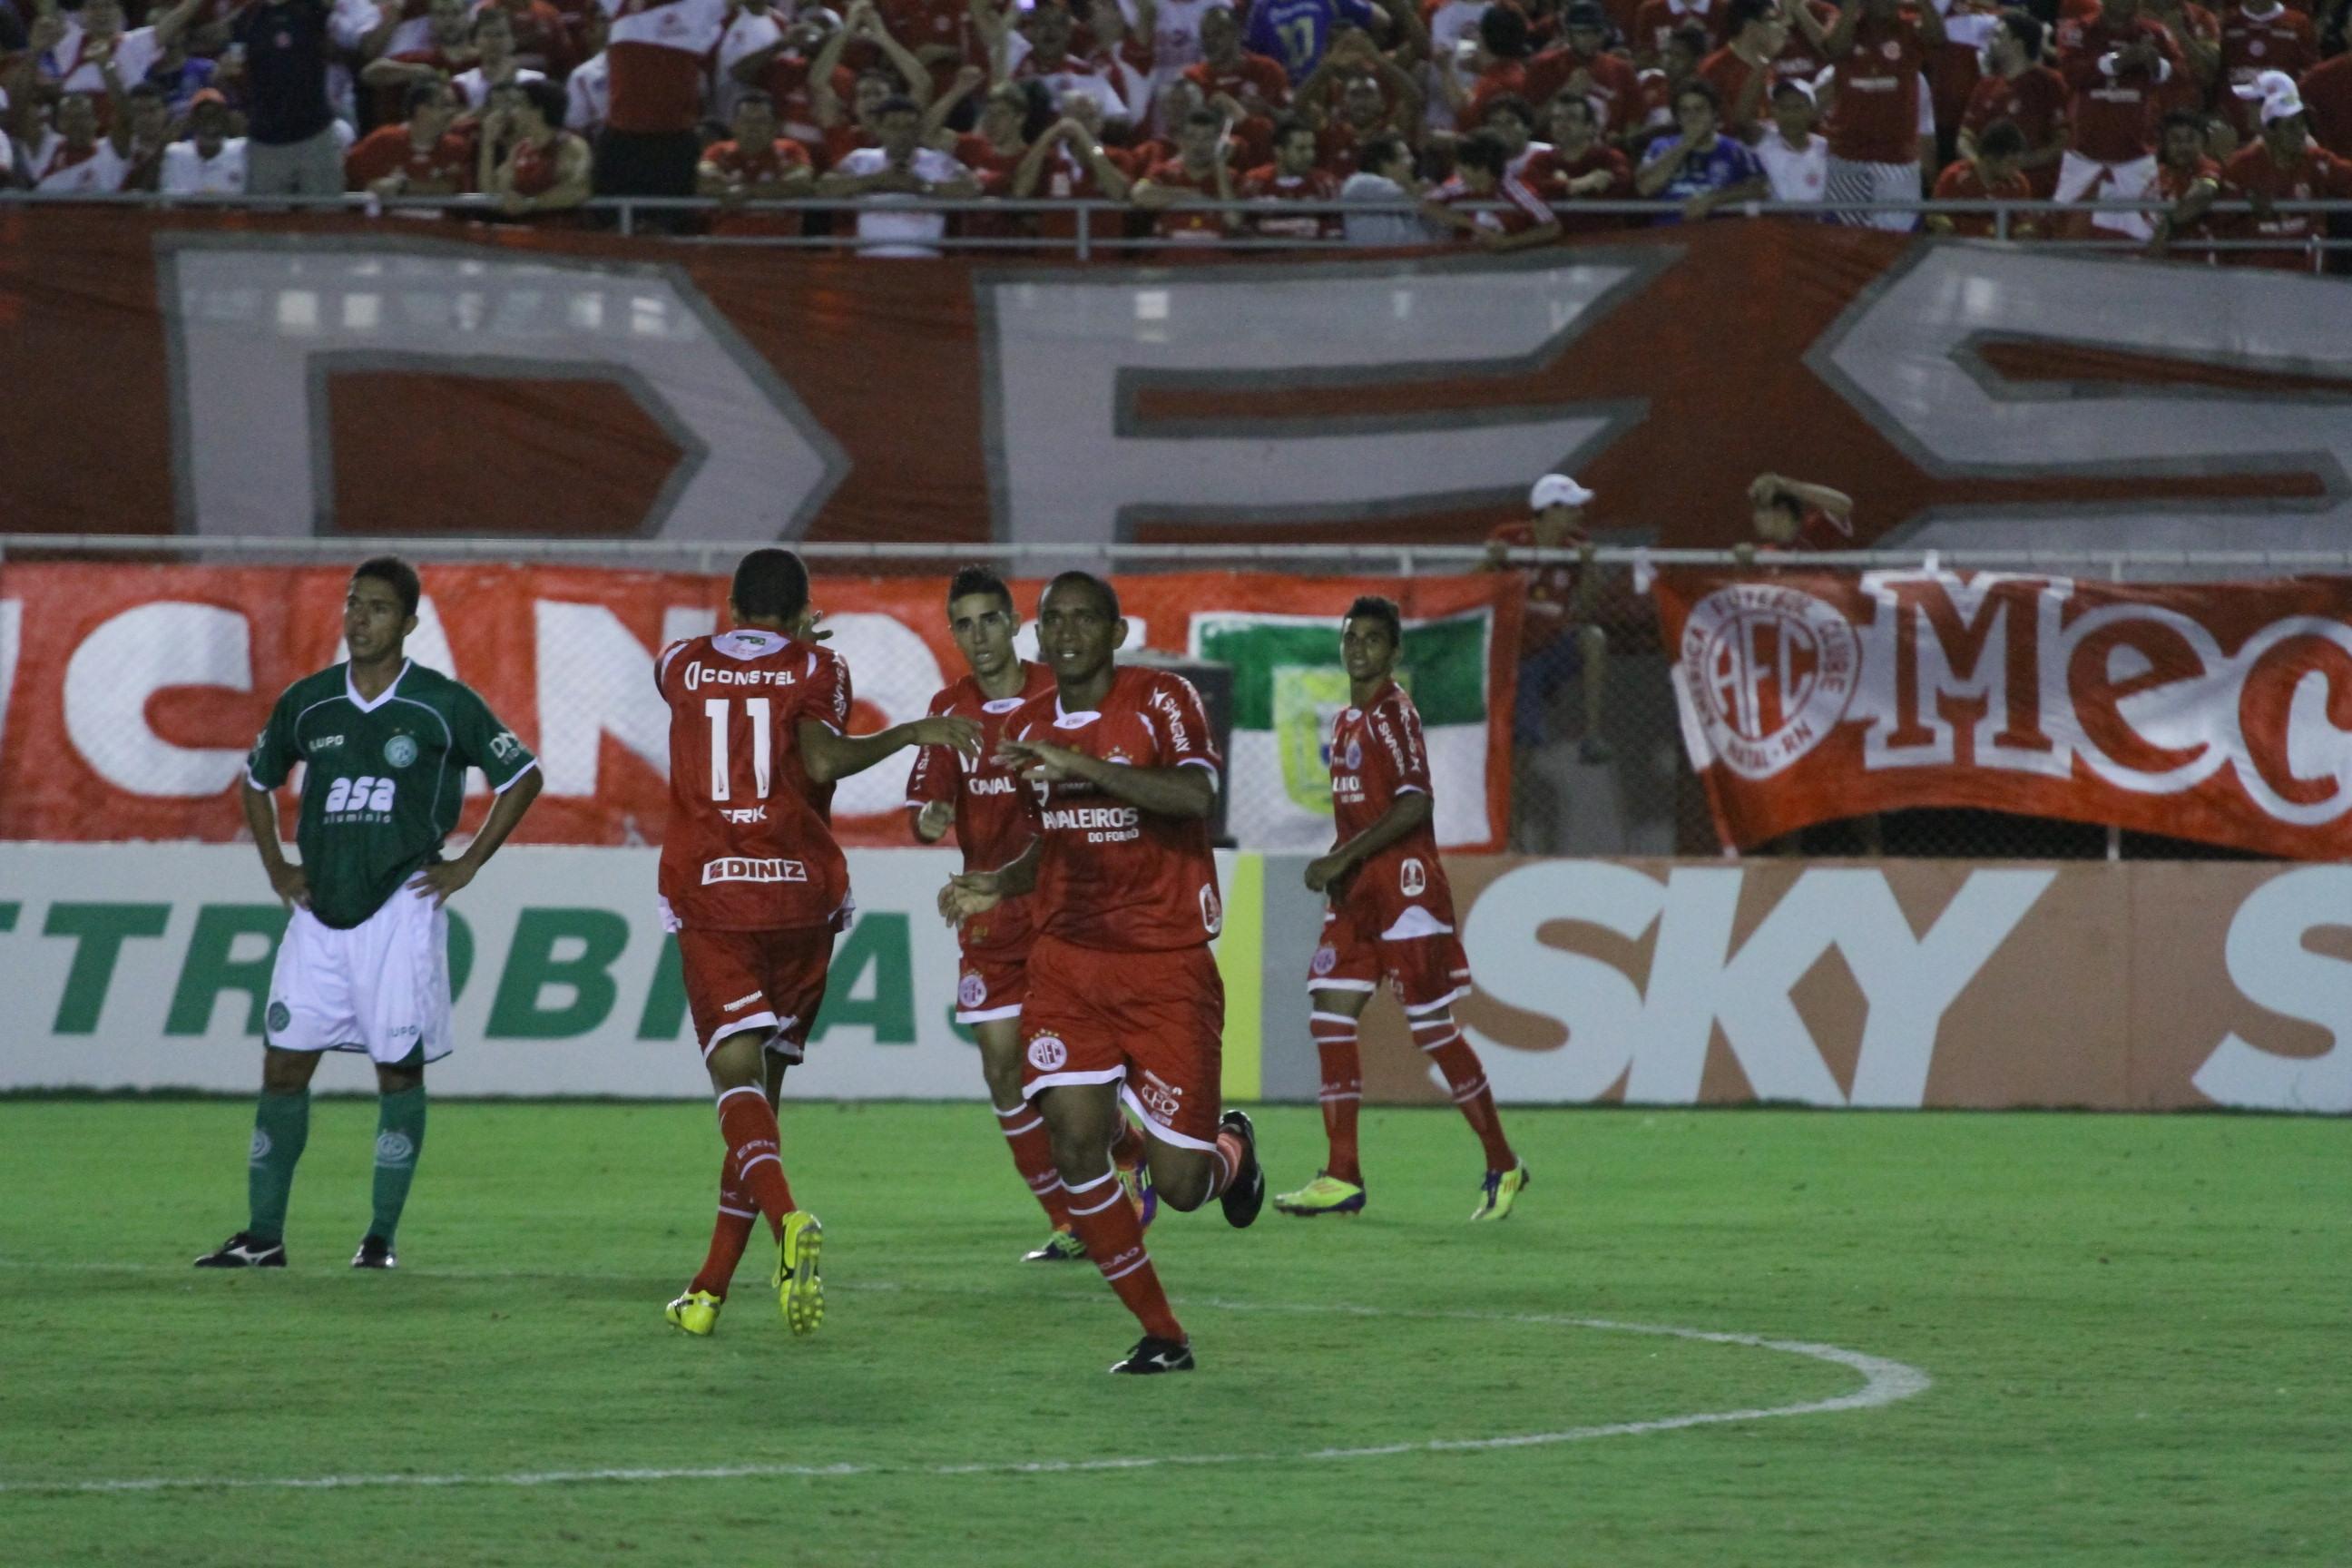 O América manteve o seu ótimo aproveitamento jogando no Nazarenão, derrotou o Guarani e voltou a ser líder da competição